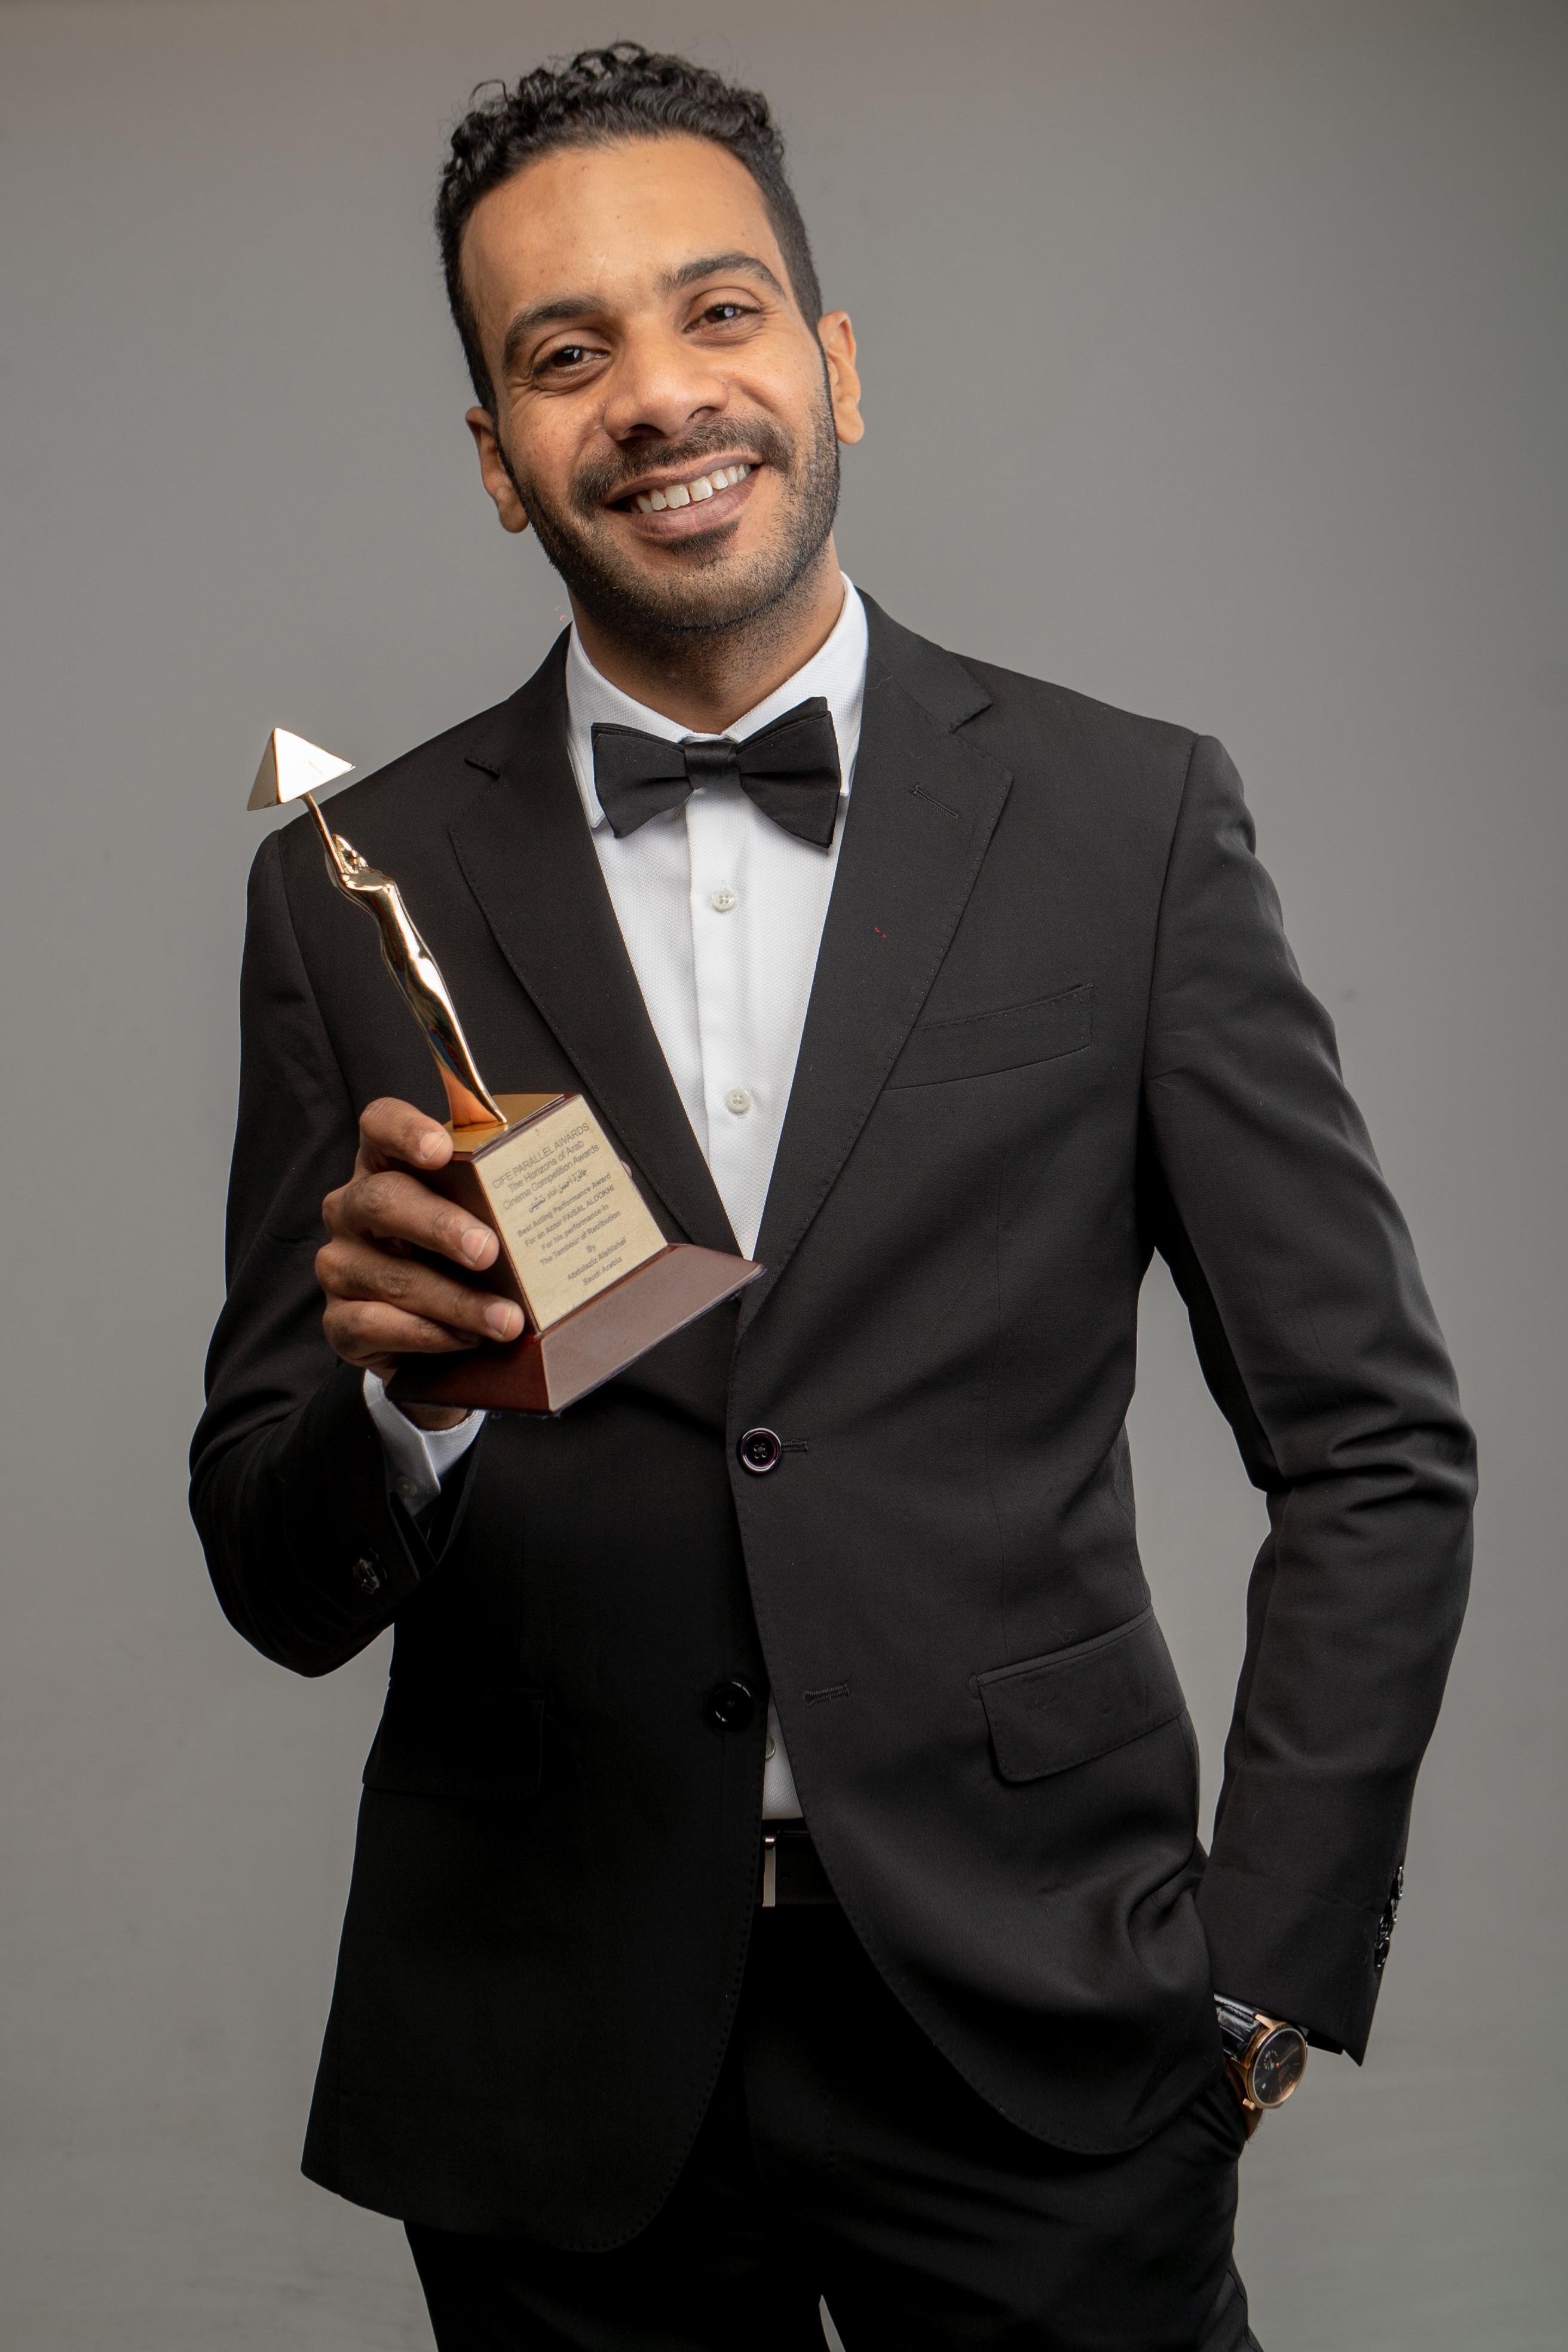 فيصل الدوخي يحمل الجائزة